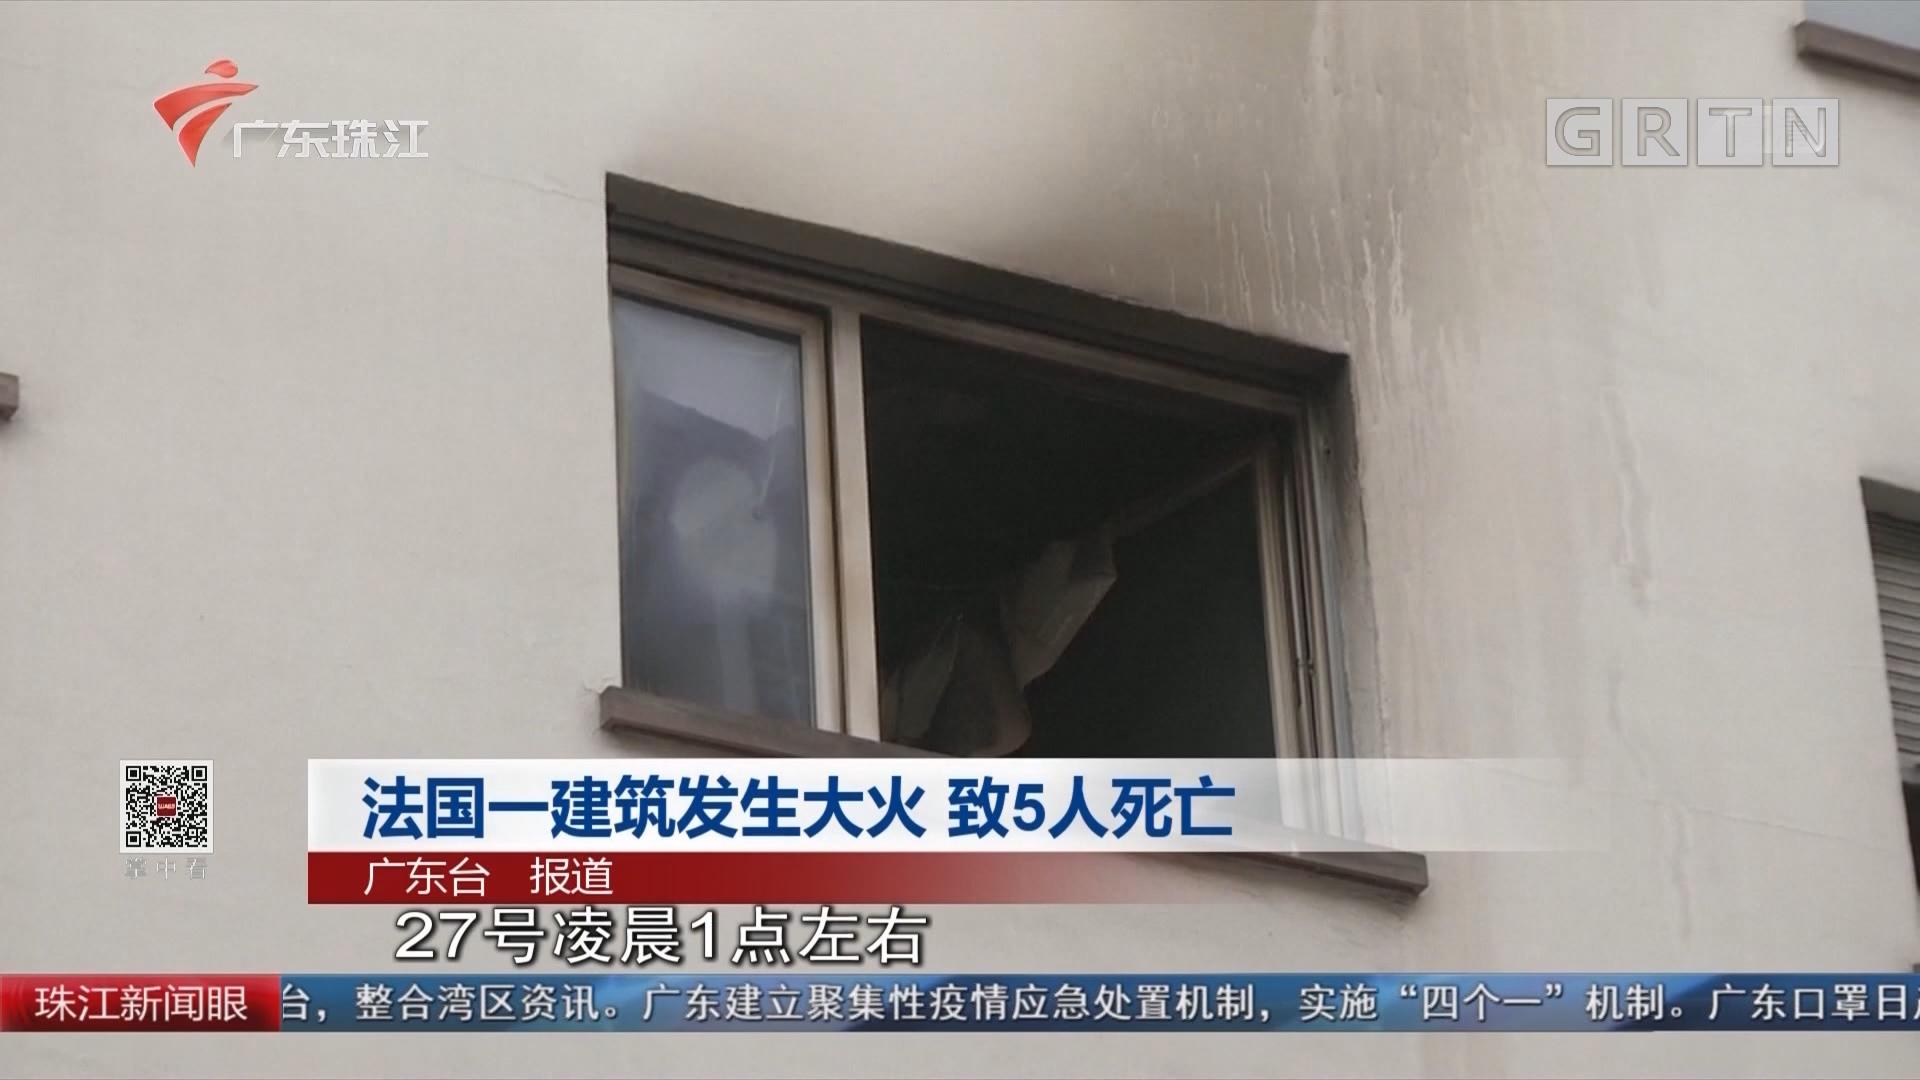 法国一建筑发生大火 致5人死亡